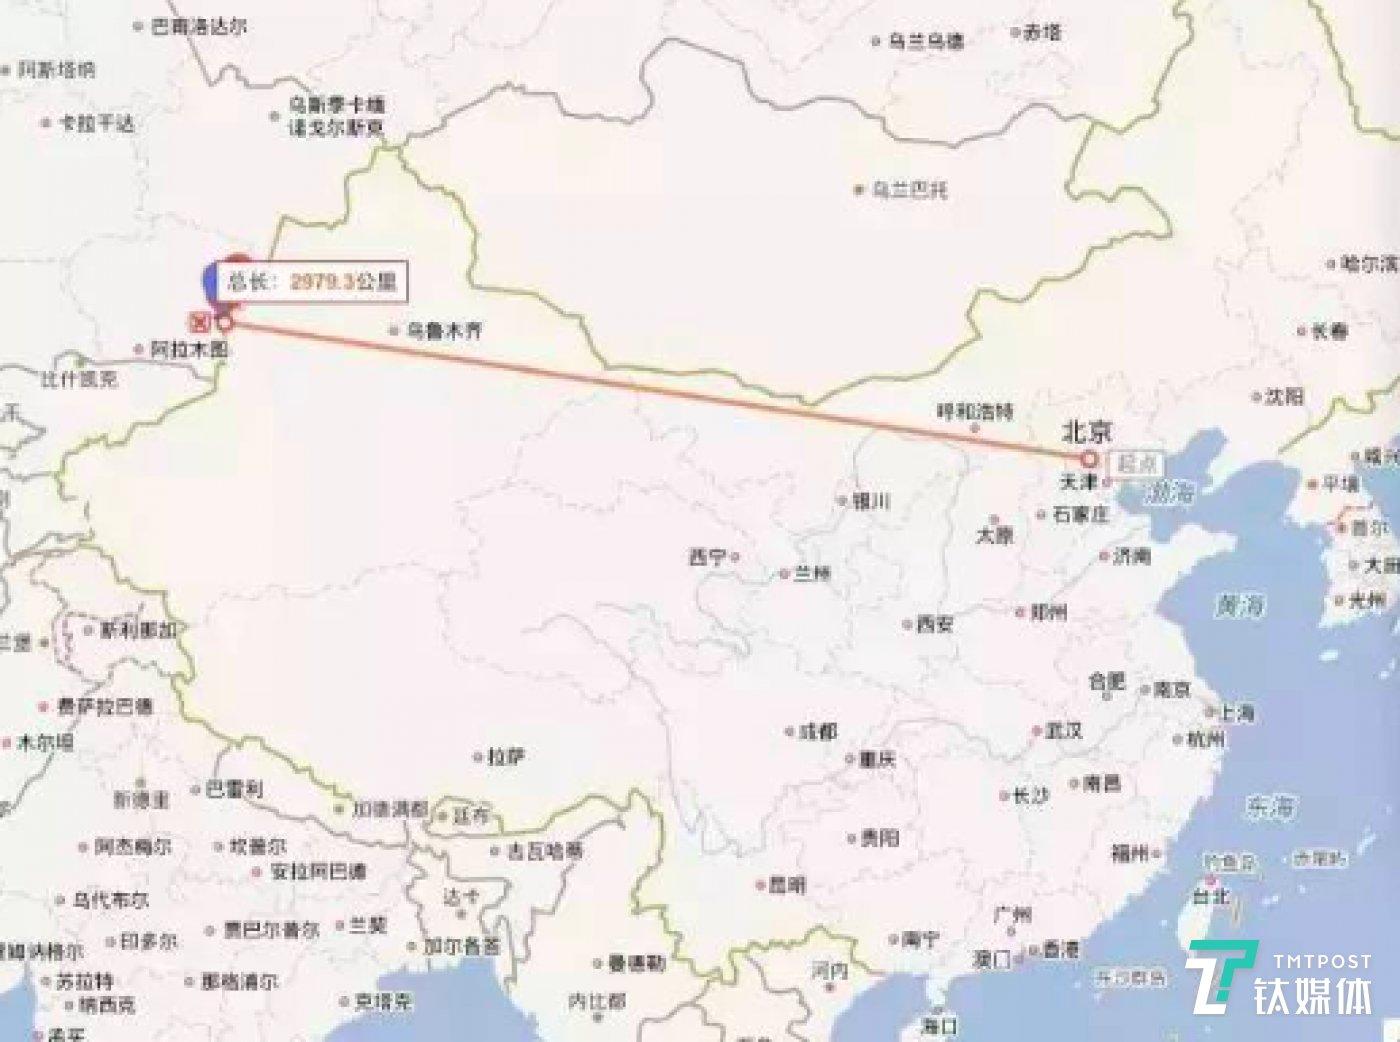 """霍尔果斯位于整个中国地图的""""鸡尾""""部,是通往中亚的重要通道。"""